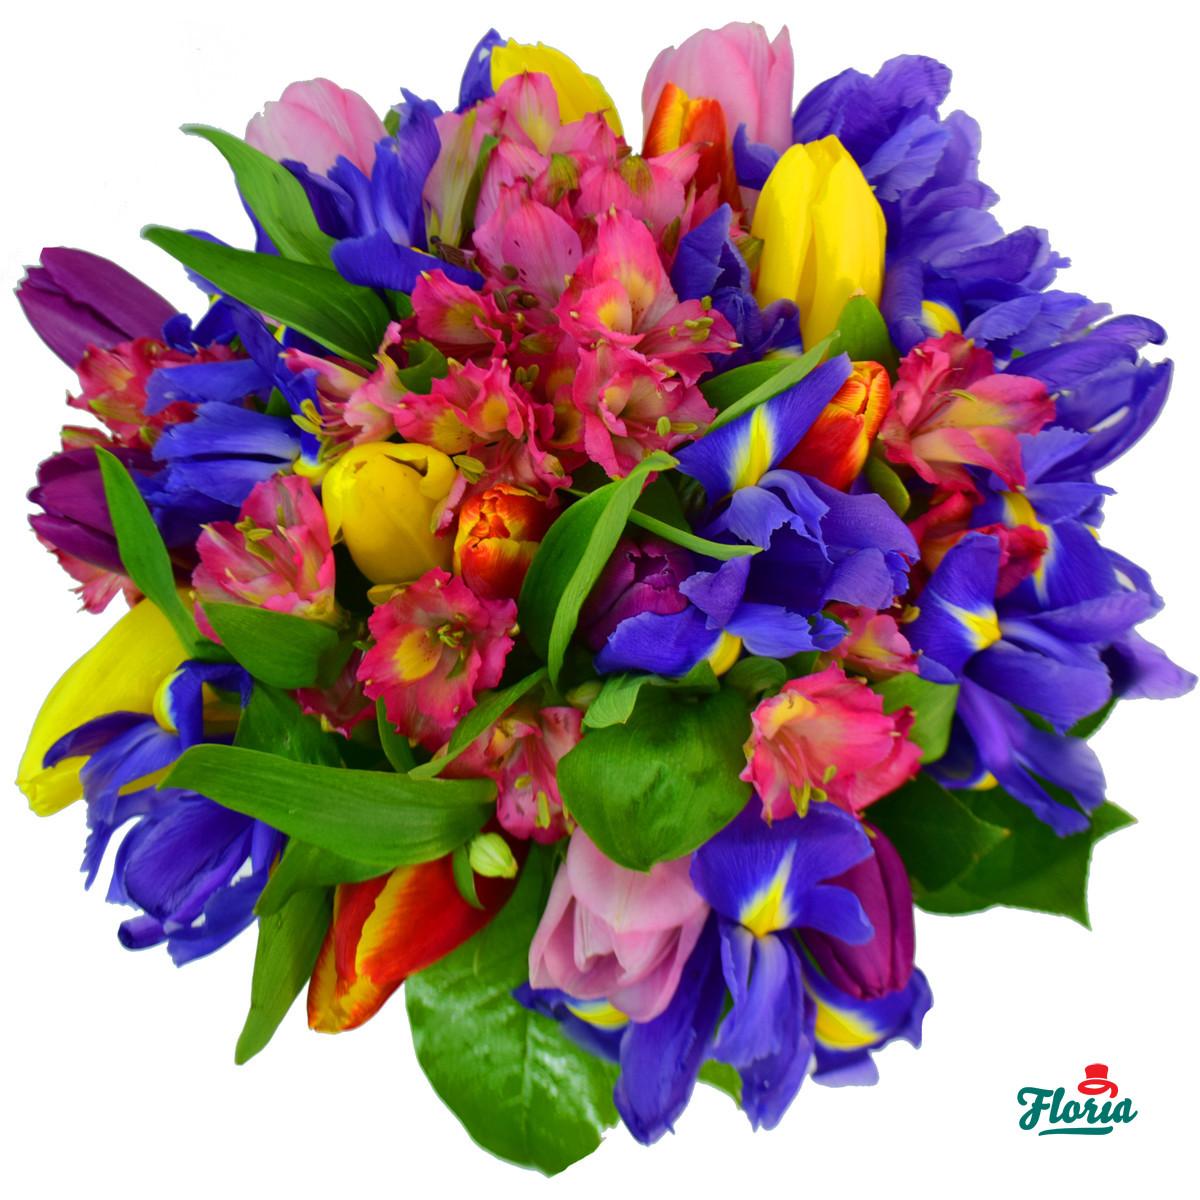 Martisoare aromate: ce flori de primvara sa oferi pe 1 Martie